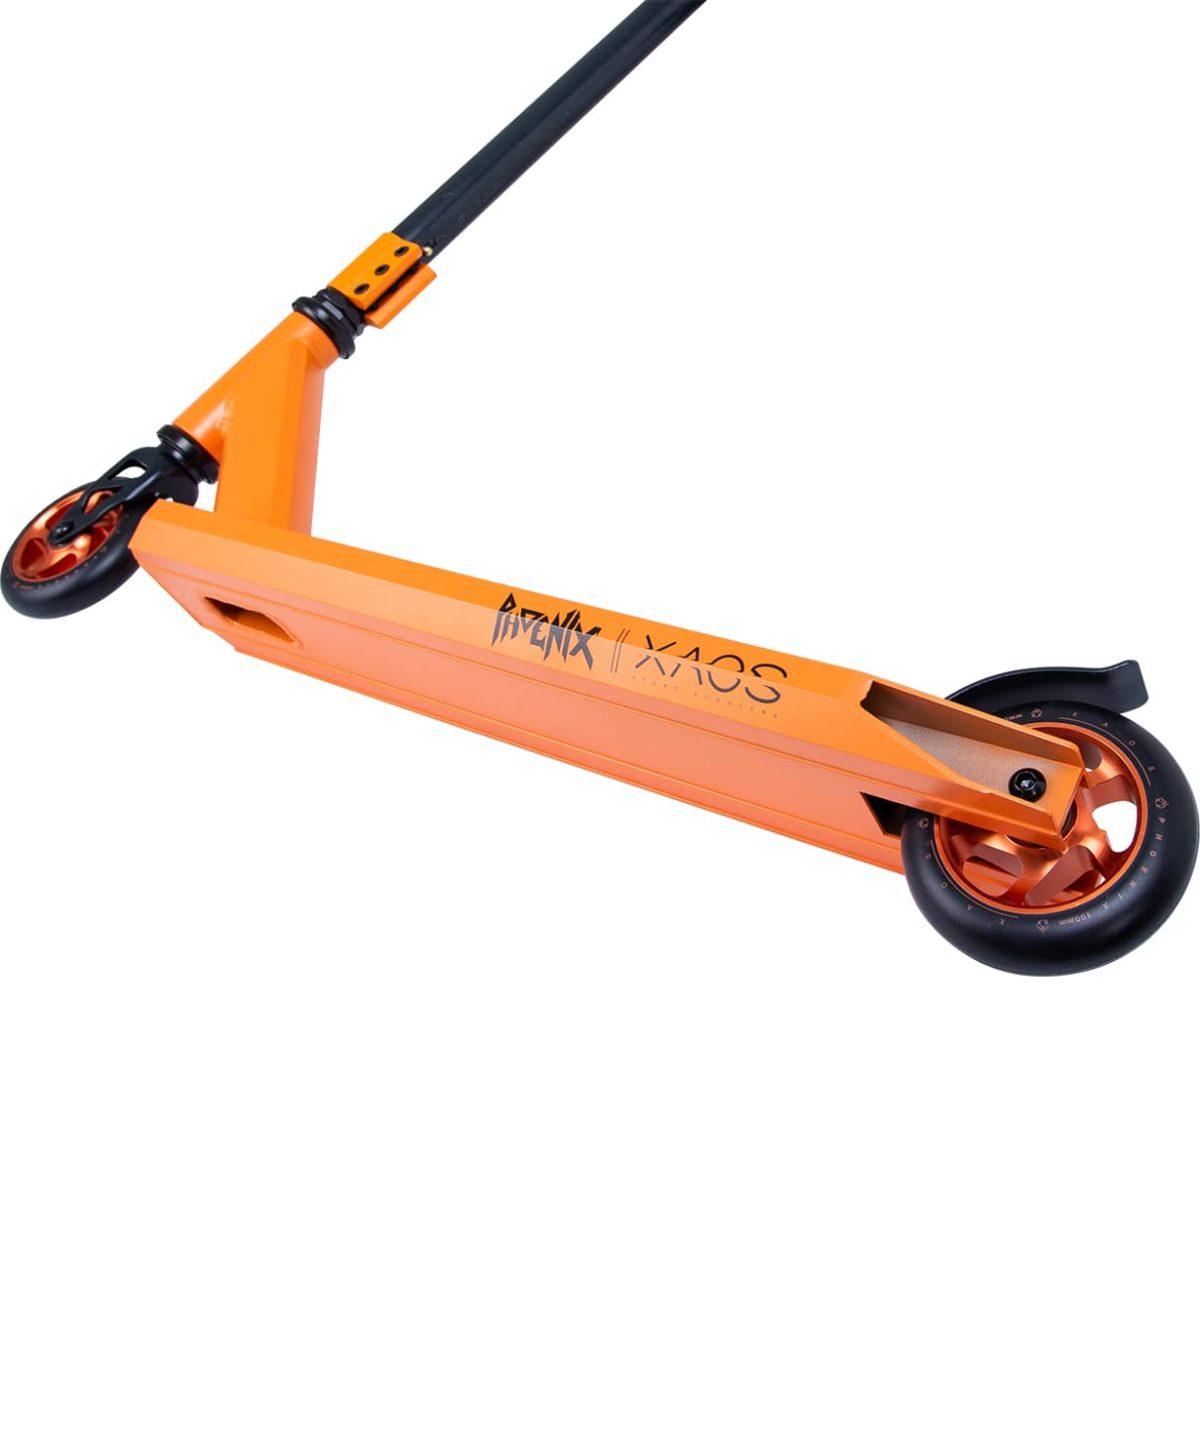 XAOS Phoenix Cамокат трюковый 100 мм  Phoenix: Orange - 2